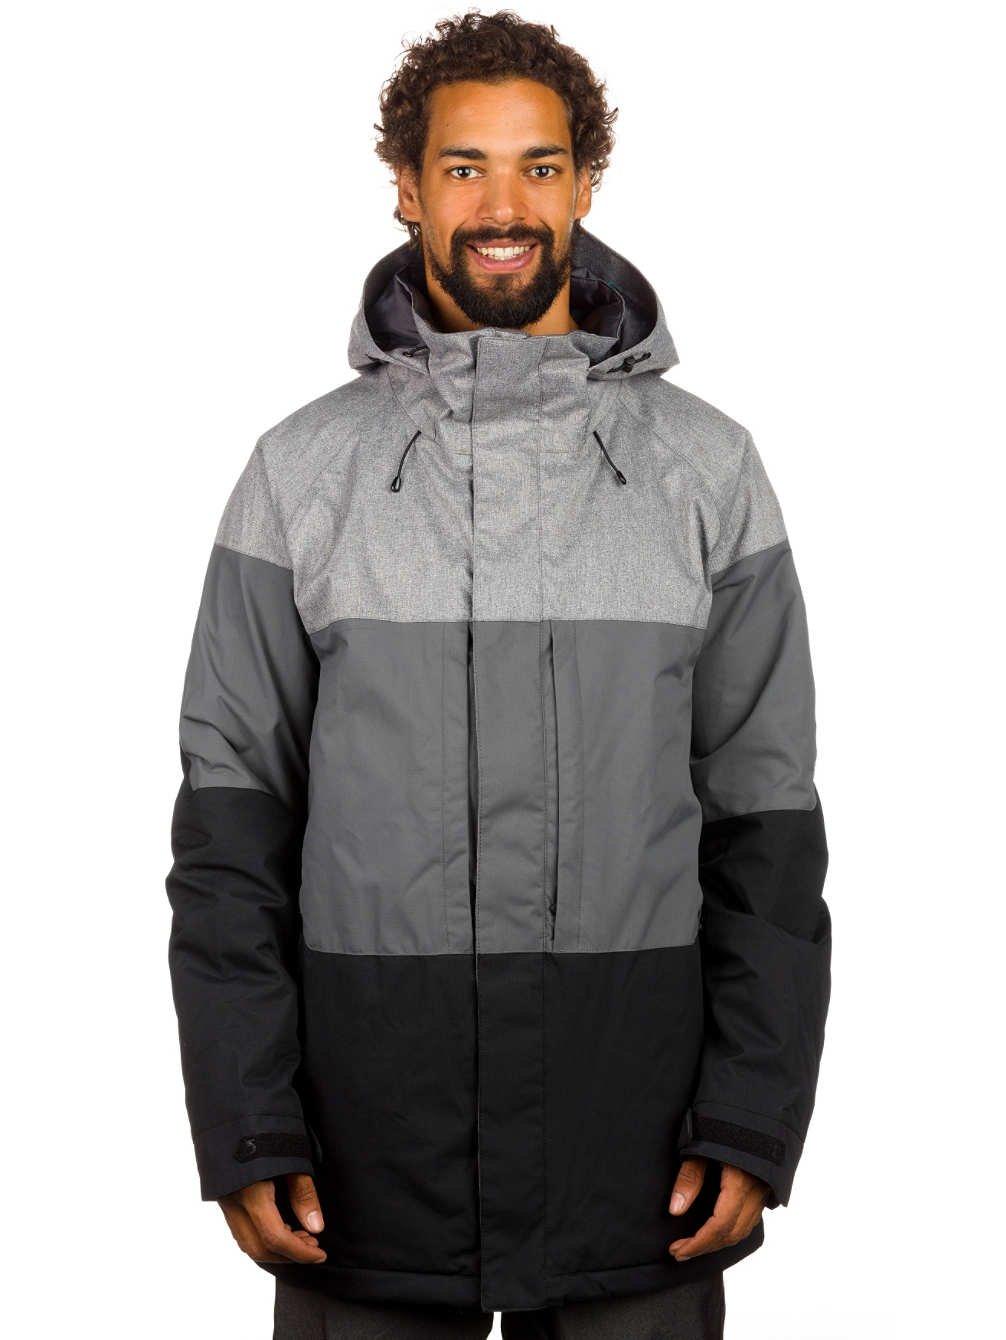 Burton Herren Snowboardjacke MB Encore Jacket online bestellen